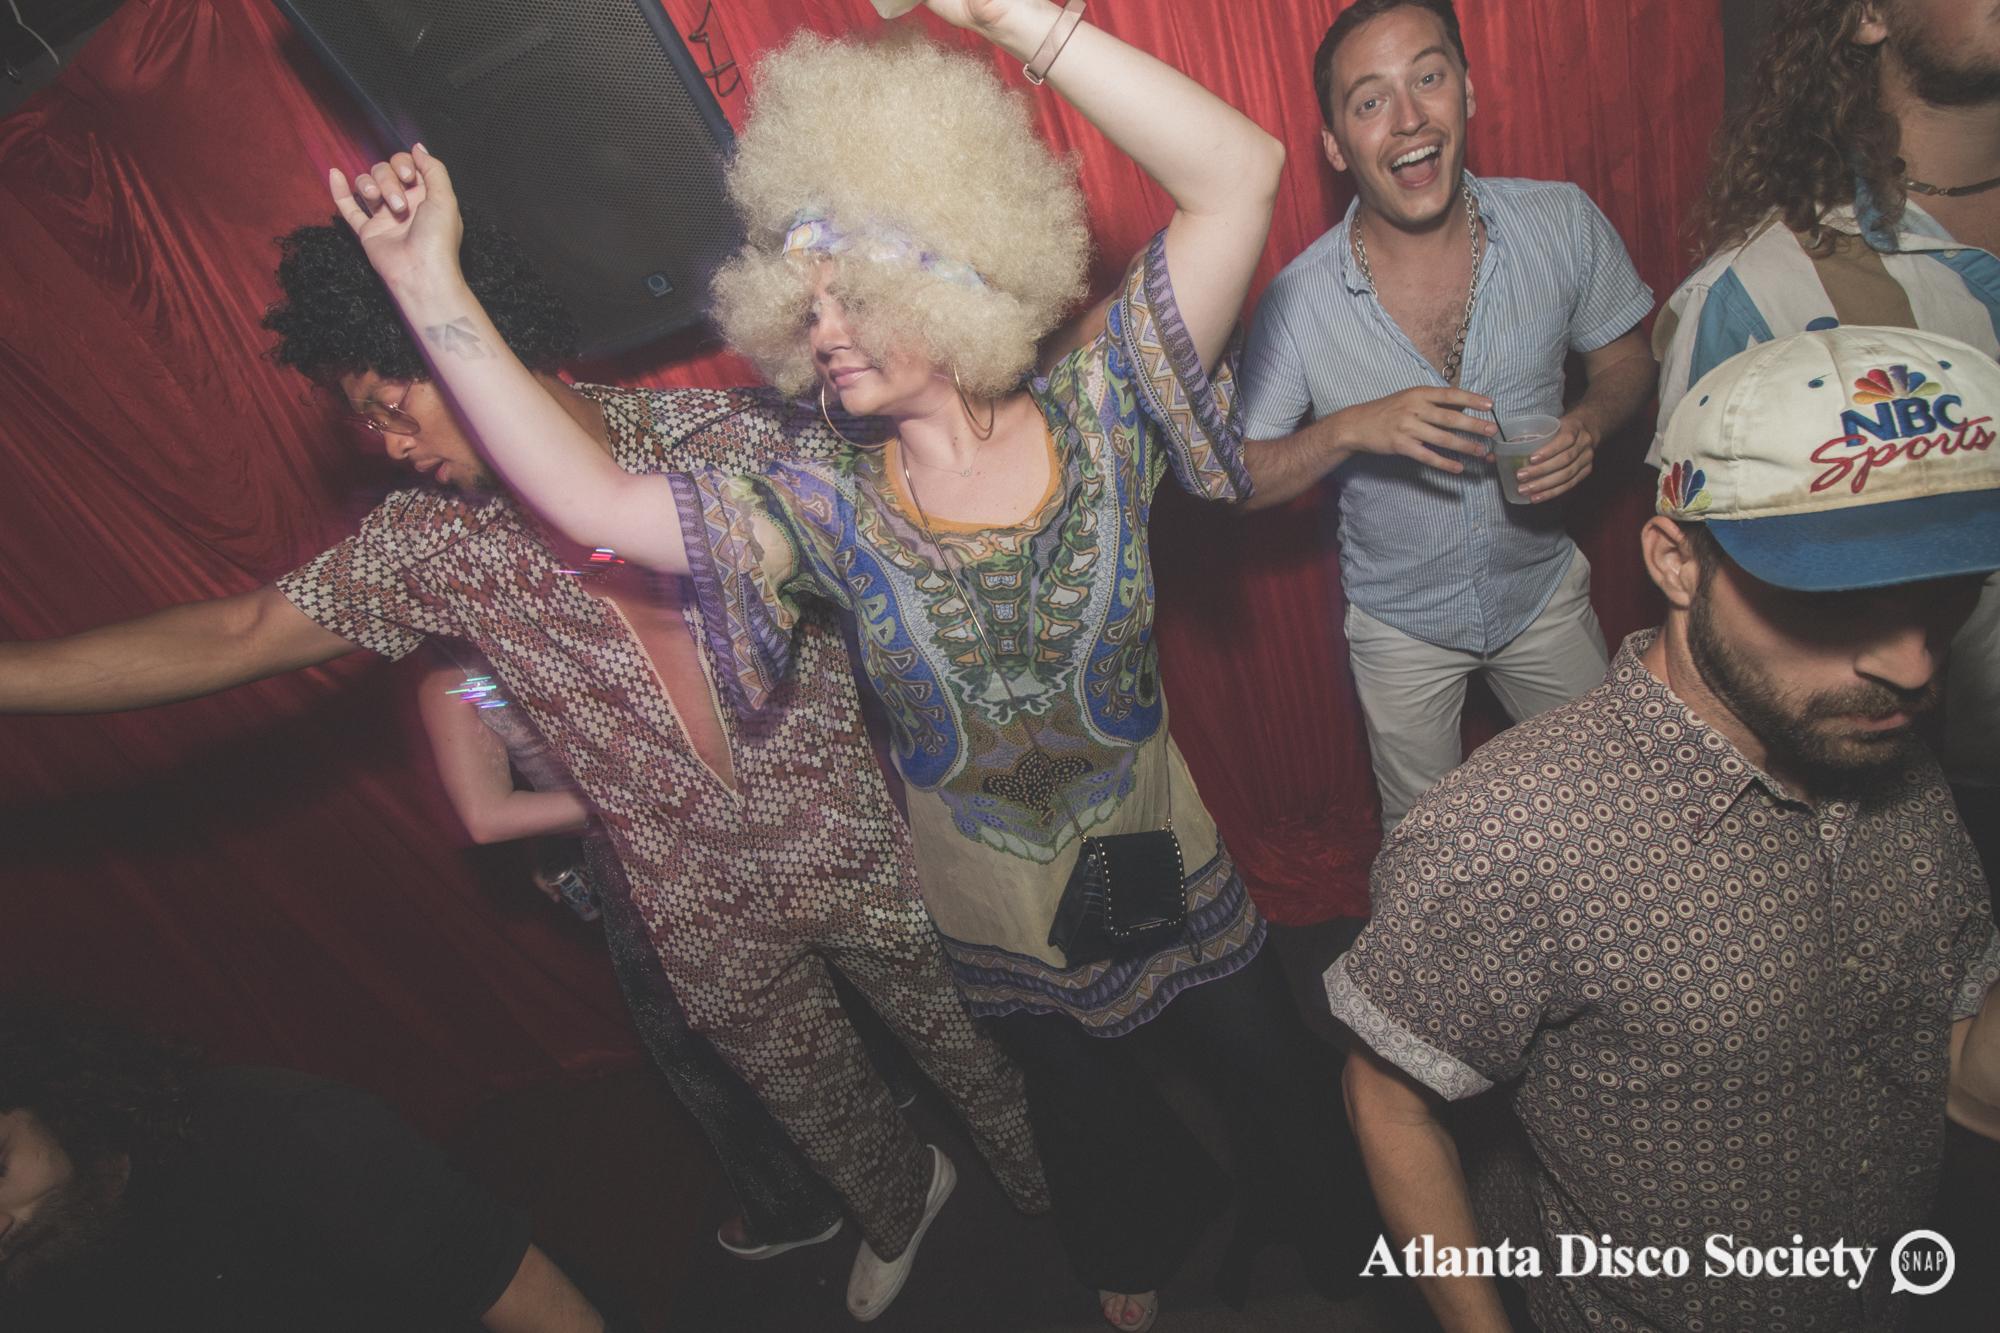 9Atlanta Disco Society Grace Kelly Oh Snap Kid 7.27.19.jpg